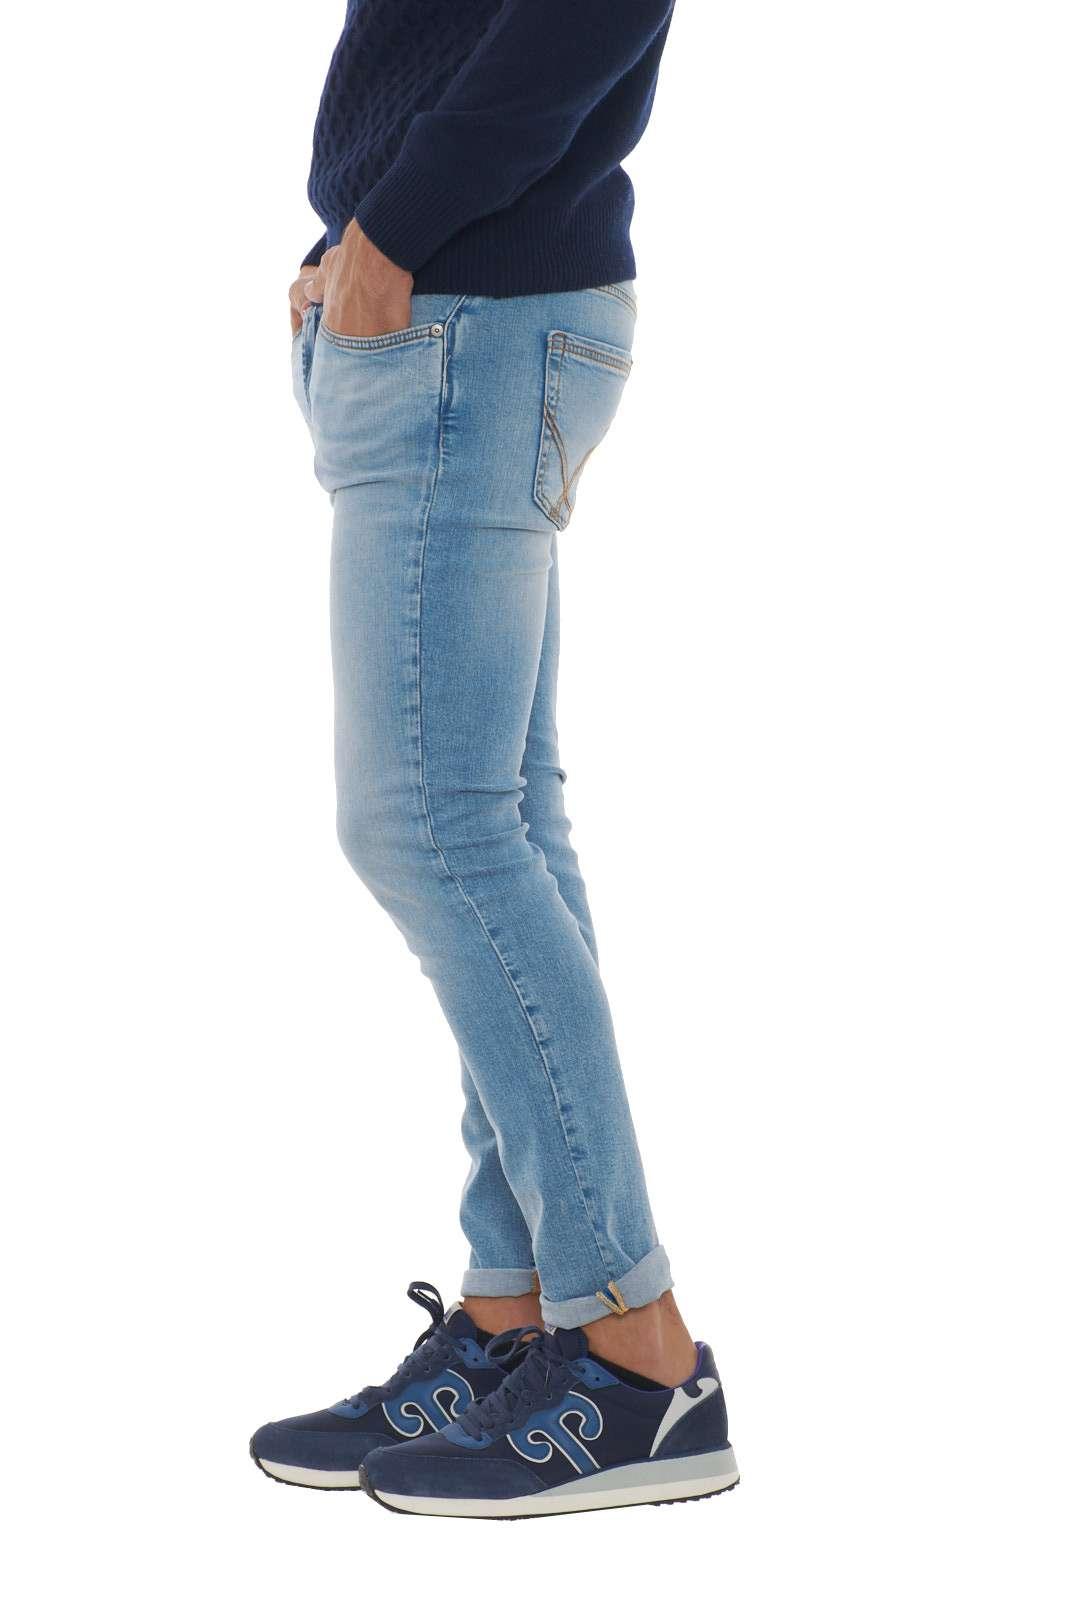 https://www.parmax.com/media/catalog/product/a/i/AI-Outlet_Parmax-Pantalone-Uomo-Royrogers-A19RRU076D3171241-B.jpg